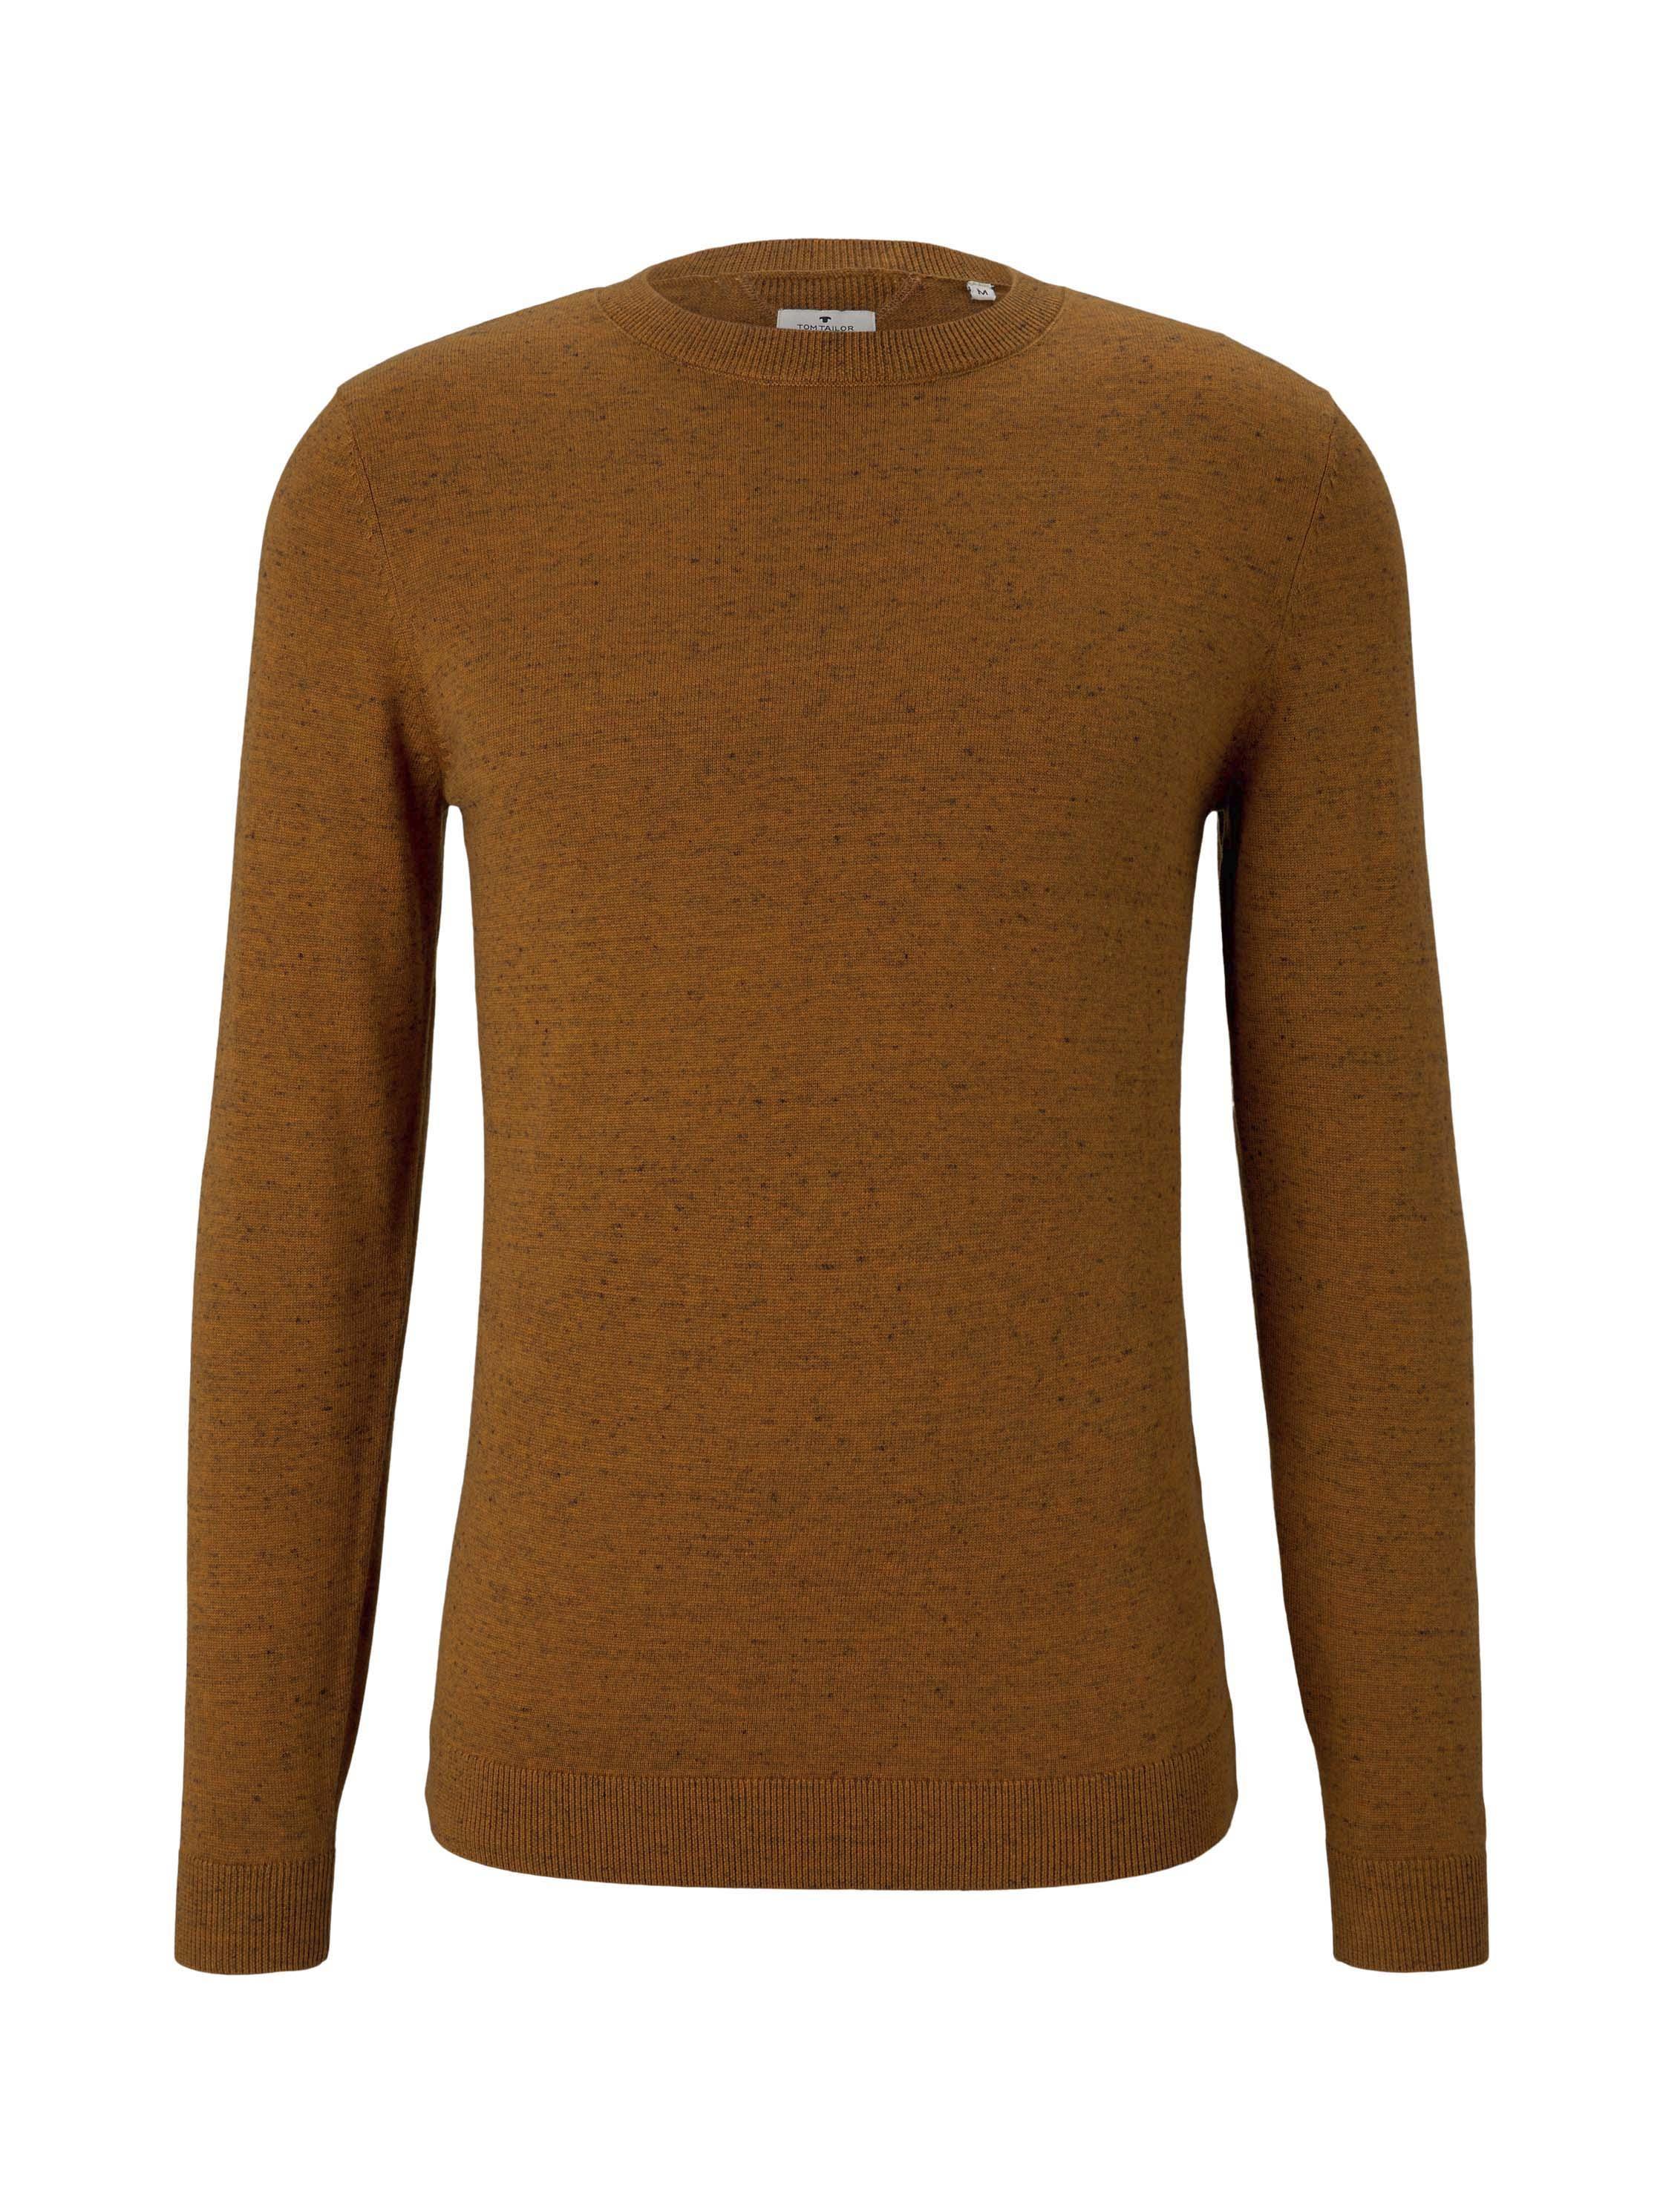 basic crew neck sweater, orange white heather yarn